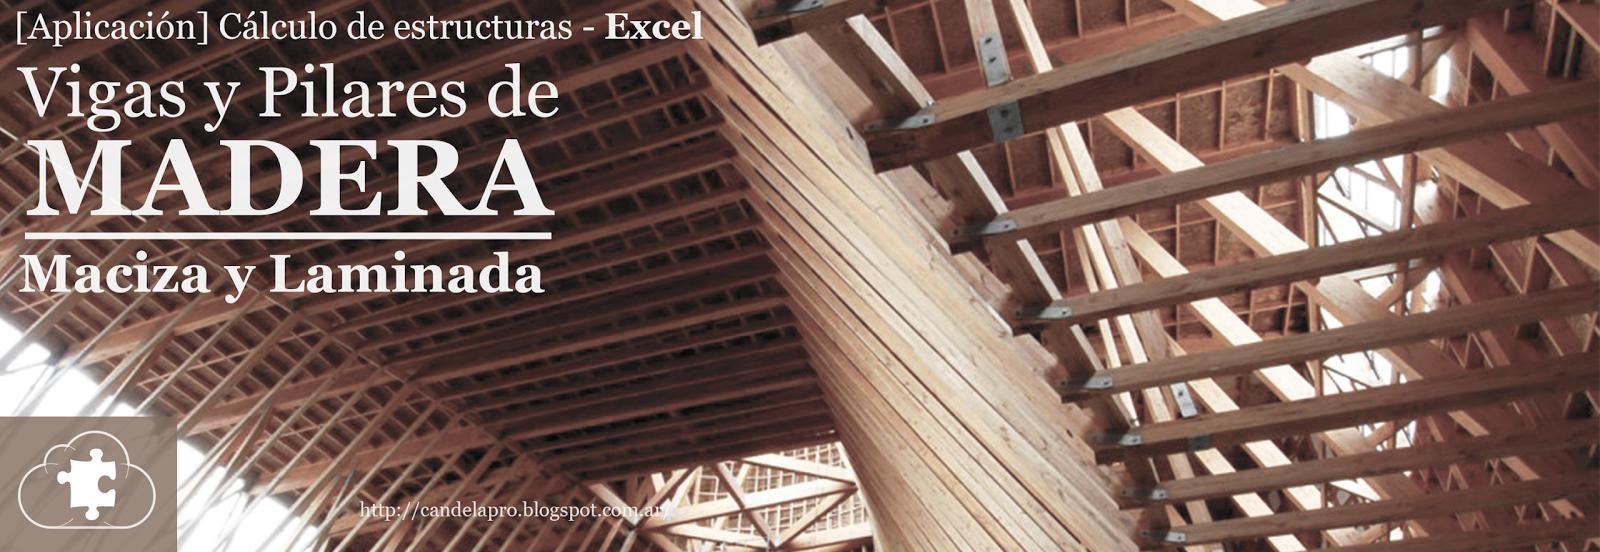 [Aplicación] Cálculo de Estructuras: Vigas y Pilares de Madera Maciza y Laminada